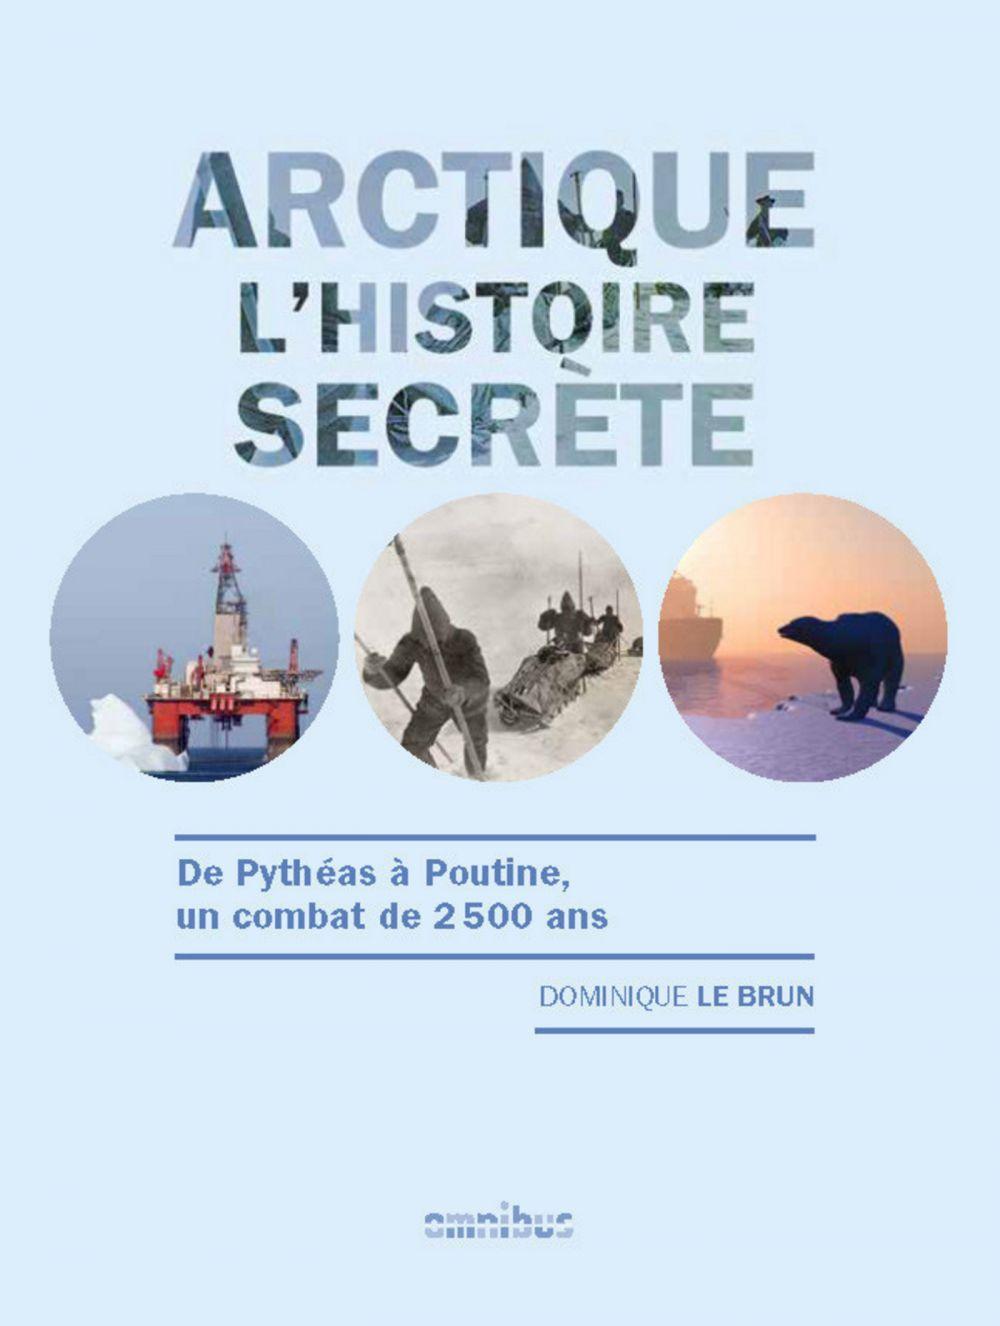 Arctique - L'histoire secrète | LE BRUN, Dominique